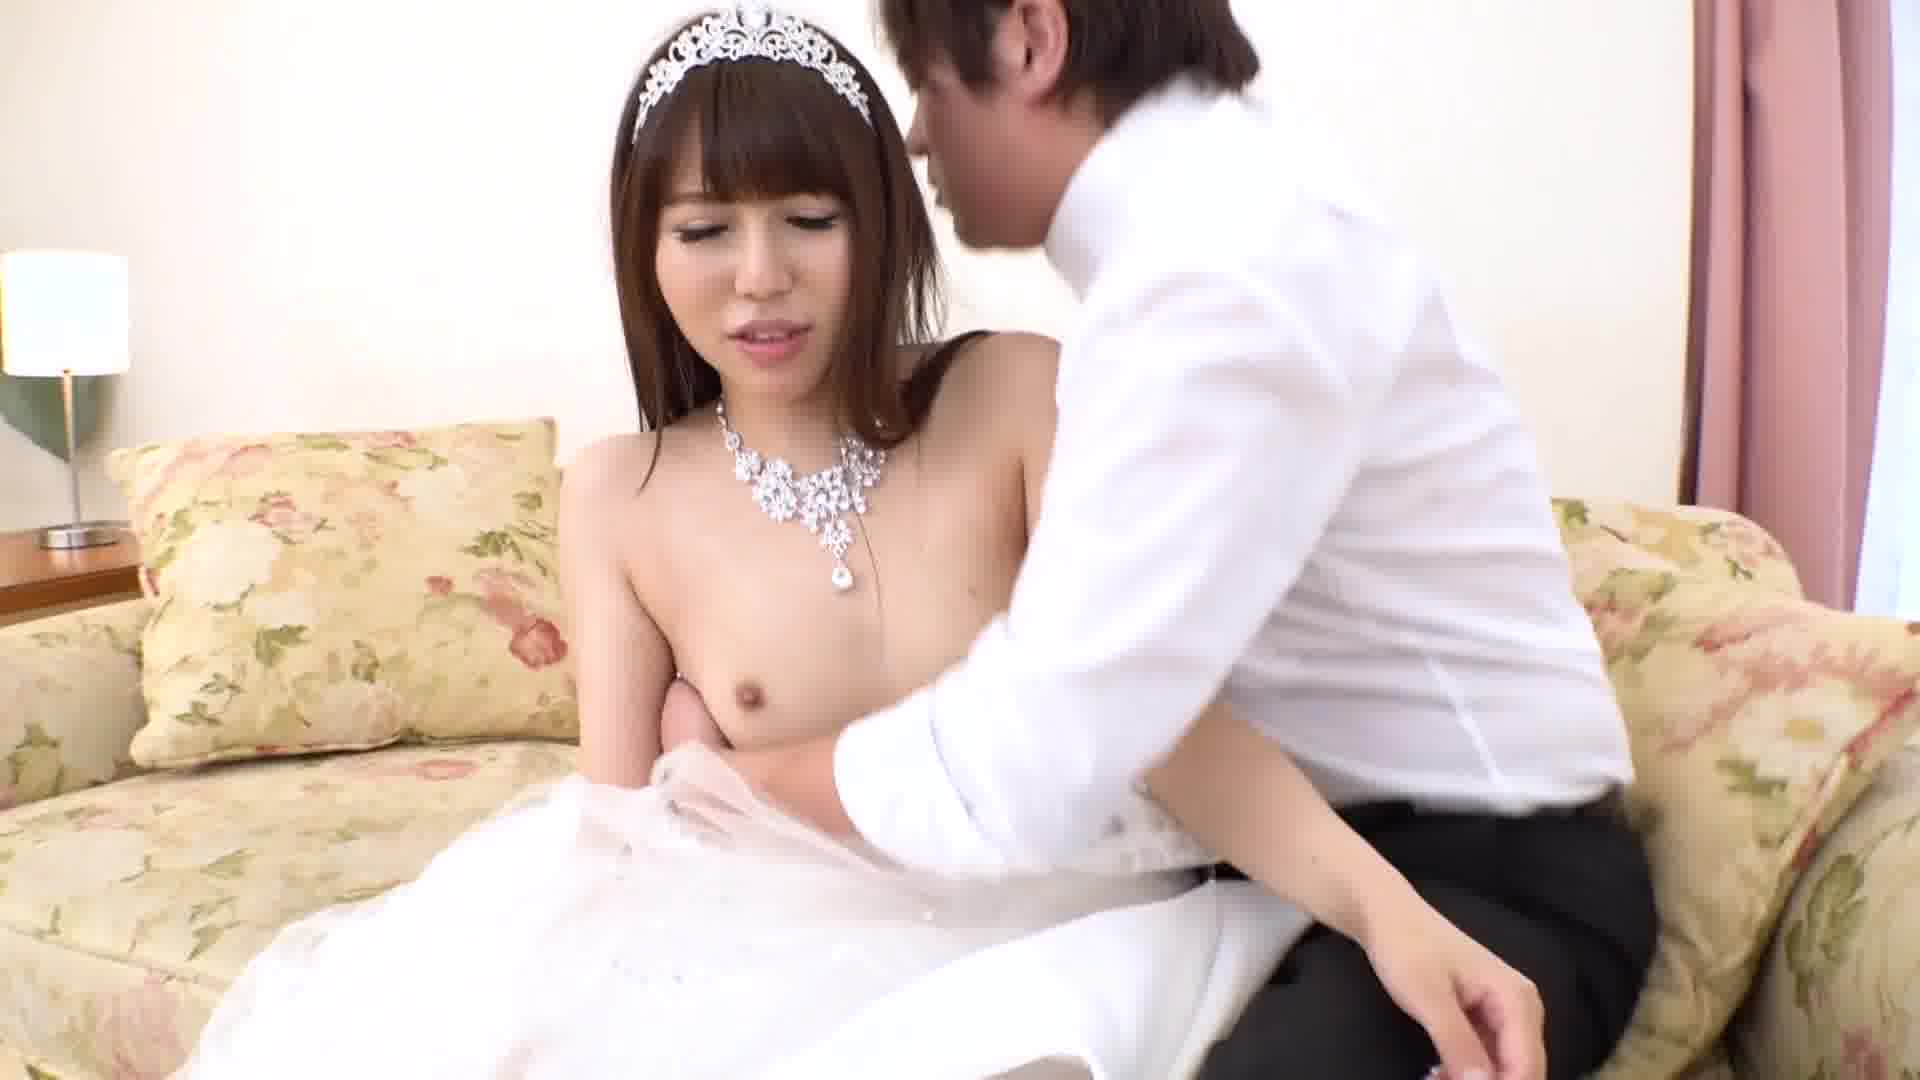 押しに弱い花嫁 ~ドレスの担当者と挙式前夜に中出しNTR~ - 紗倉みゆき【コスプレ・パイパン・中出し】